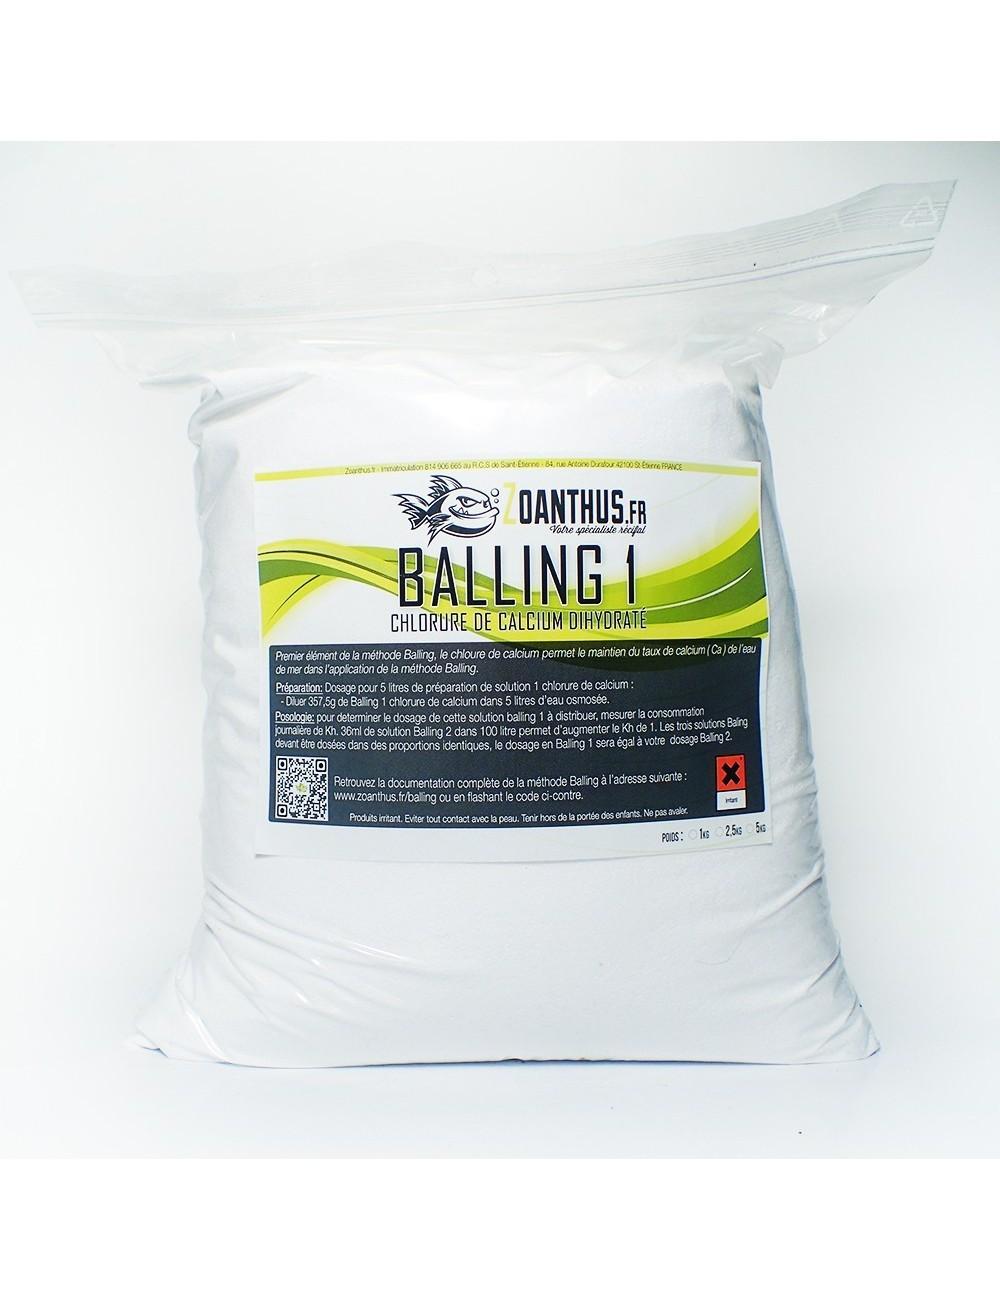 - ZOANTHUS.fr 2.5kg Balling 1 Chlorure de calcium dihydraté recharge